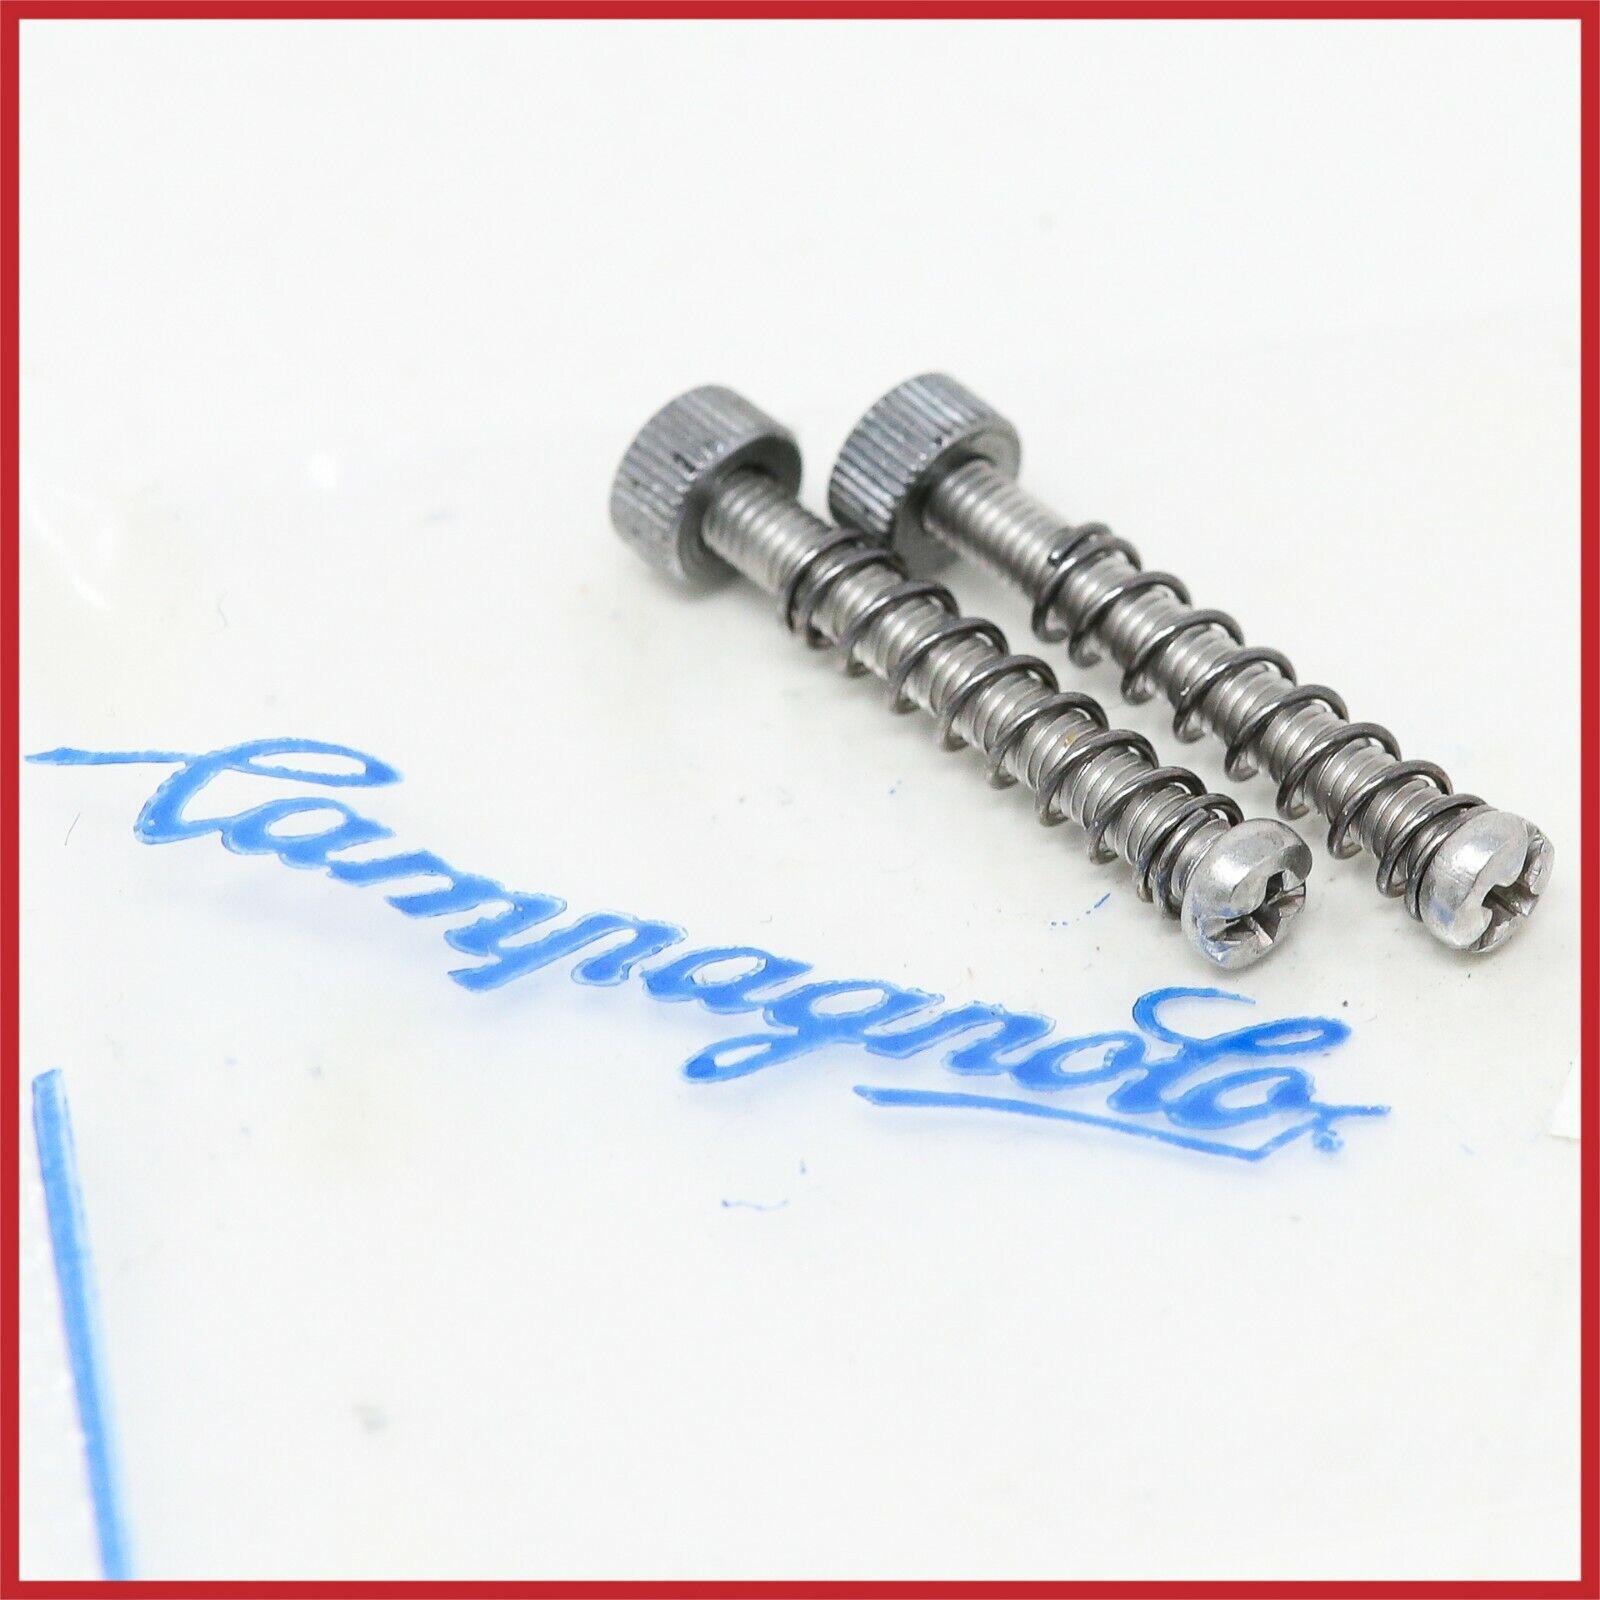 NOS CAMPAGNOLO REAR DROPOUTS 3mm SCREWS REGISTER ADJUSTER VINTAGE 70s 80s FRAME